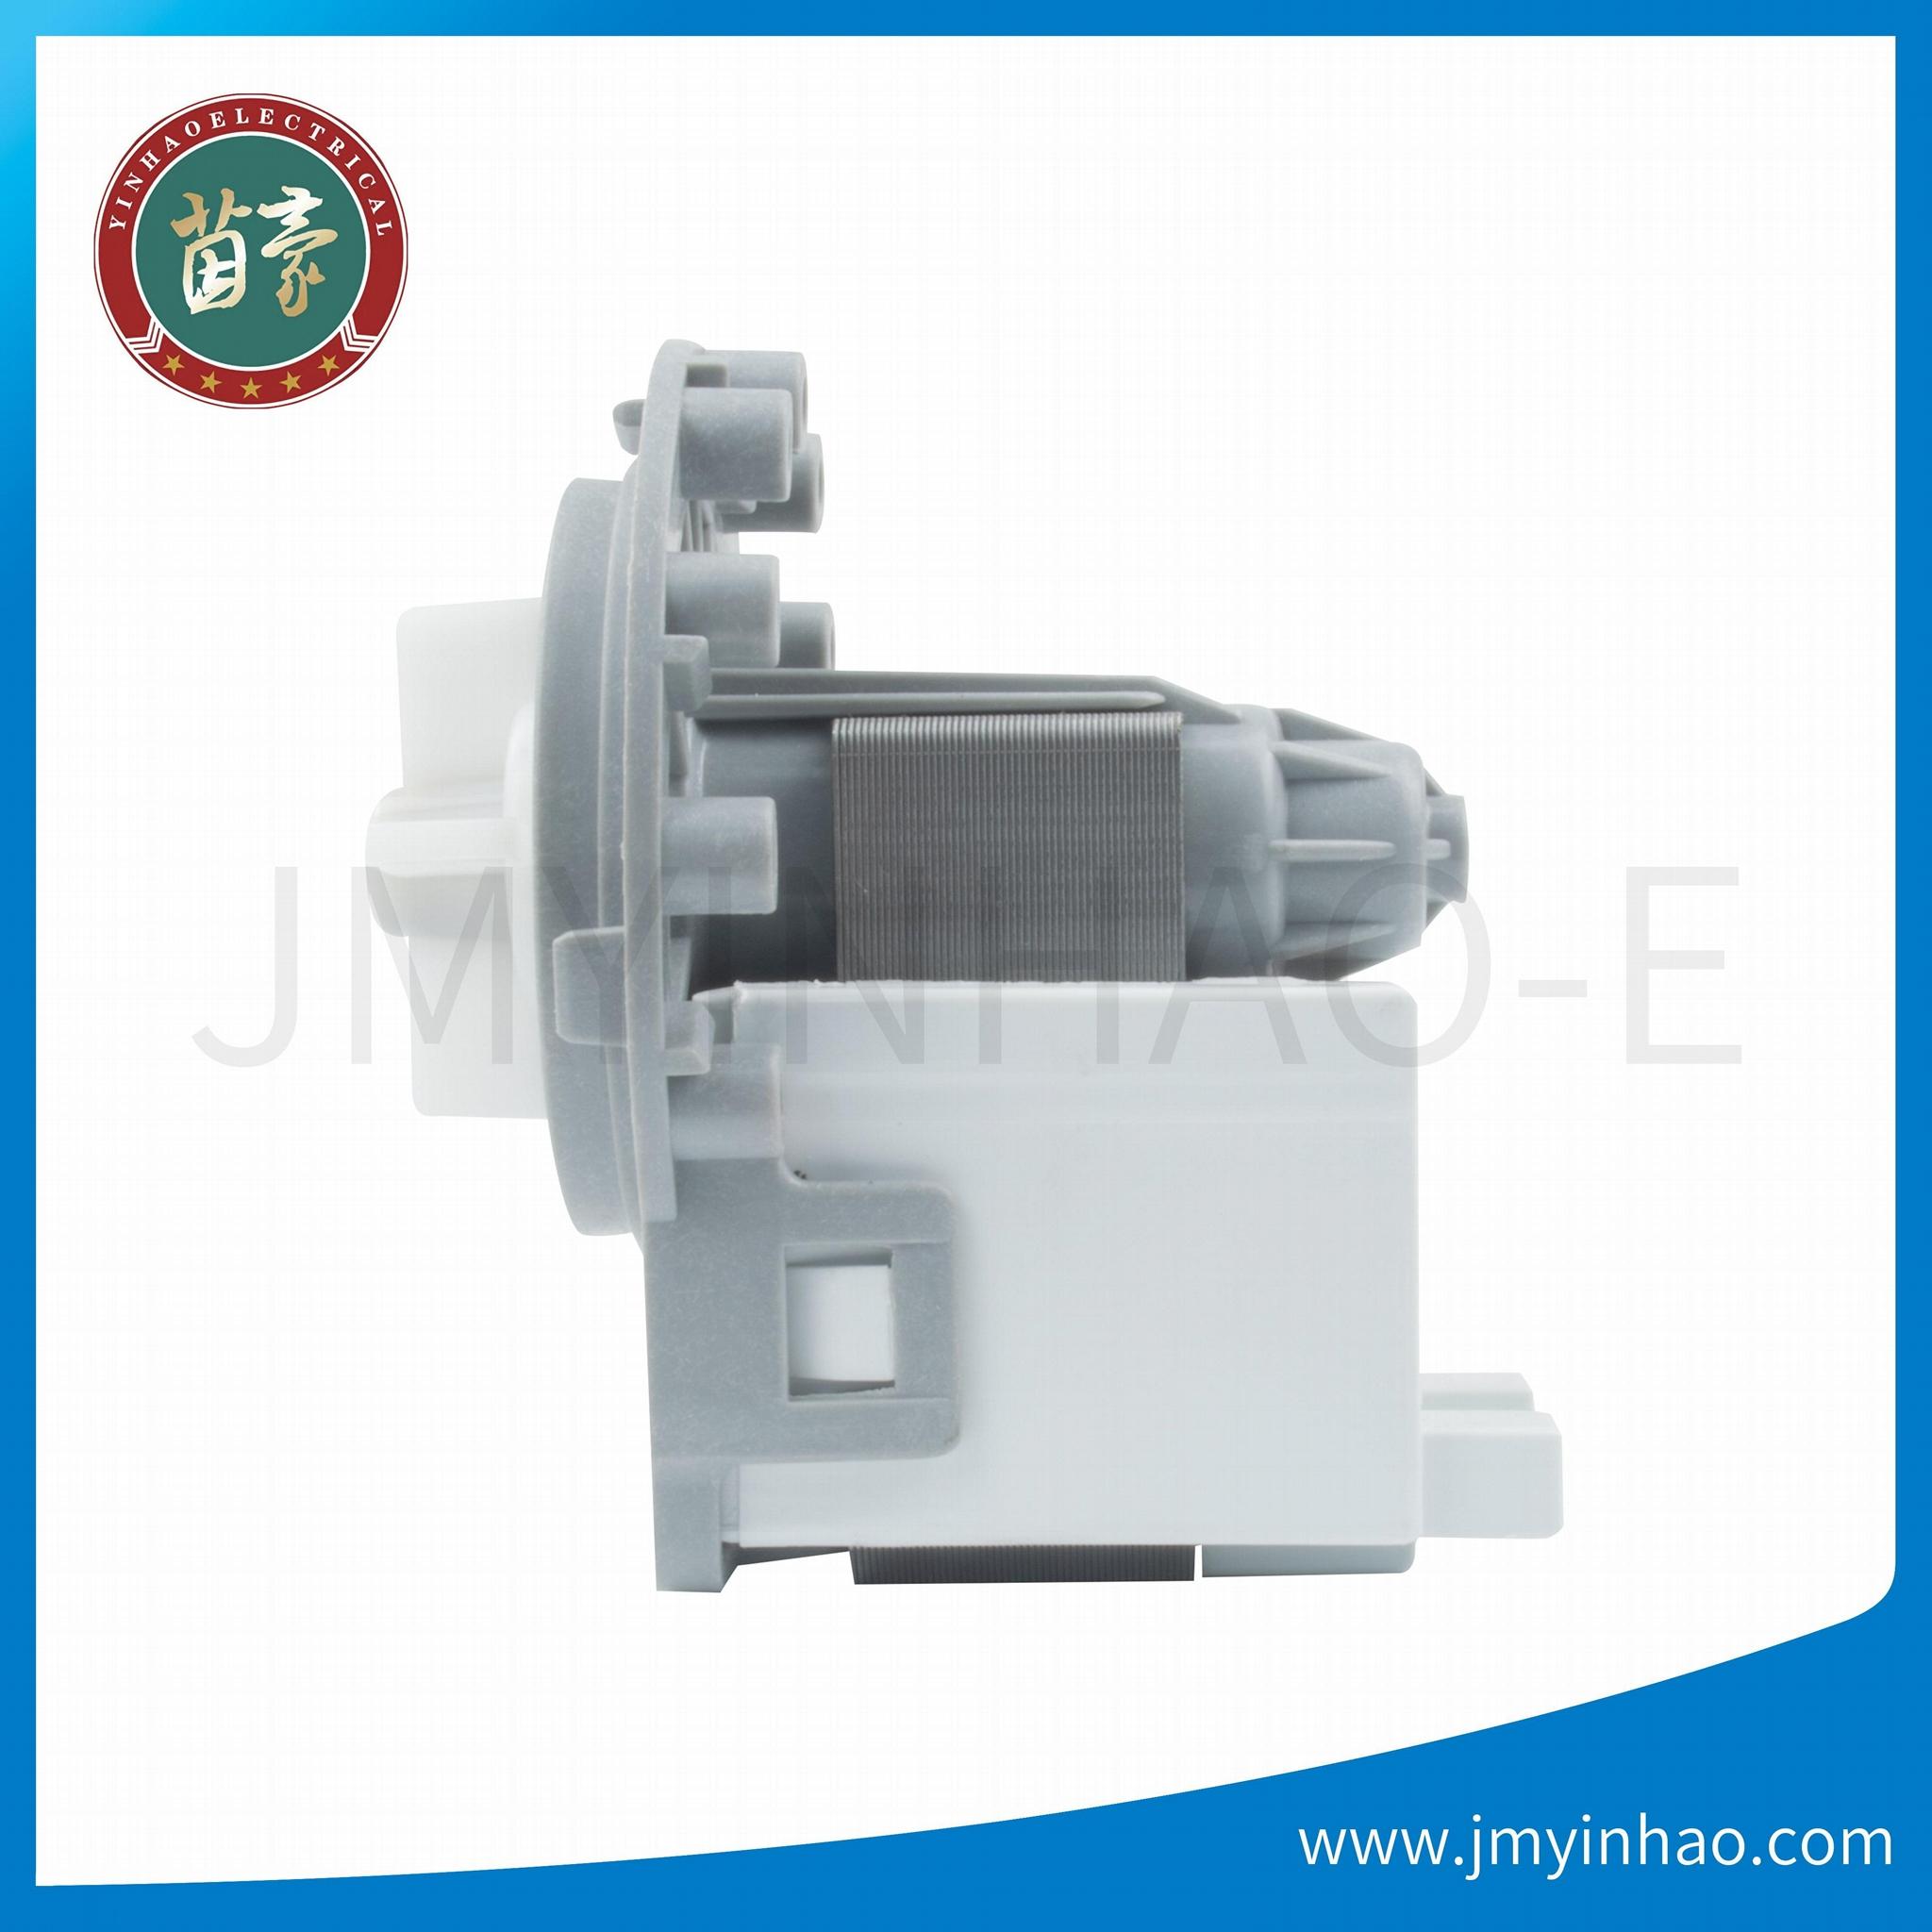 220V 60Hz 巴西市场热销洗衣机排水泵 1